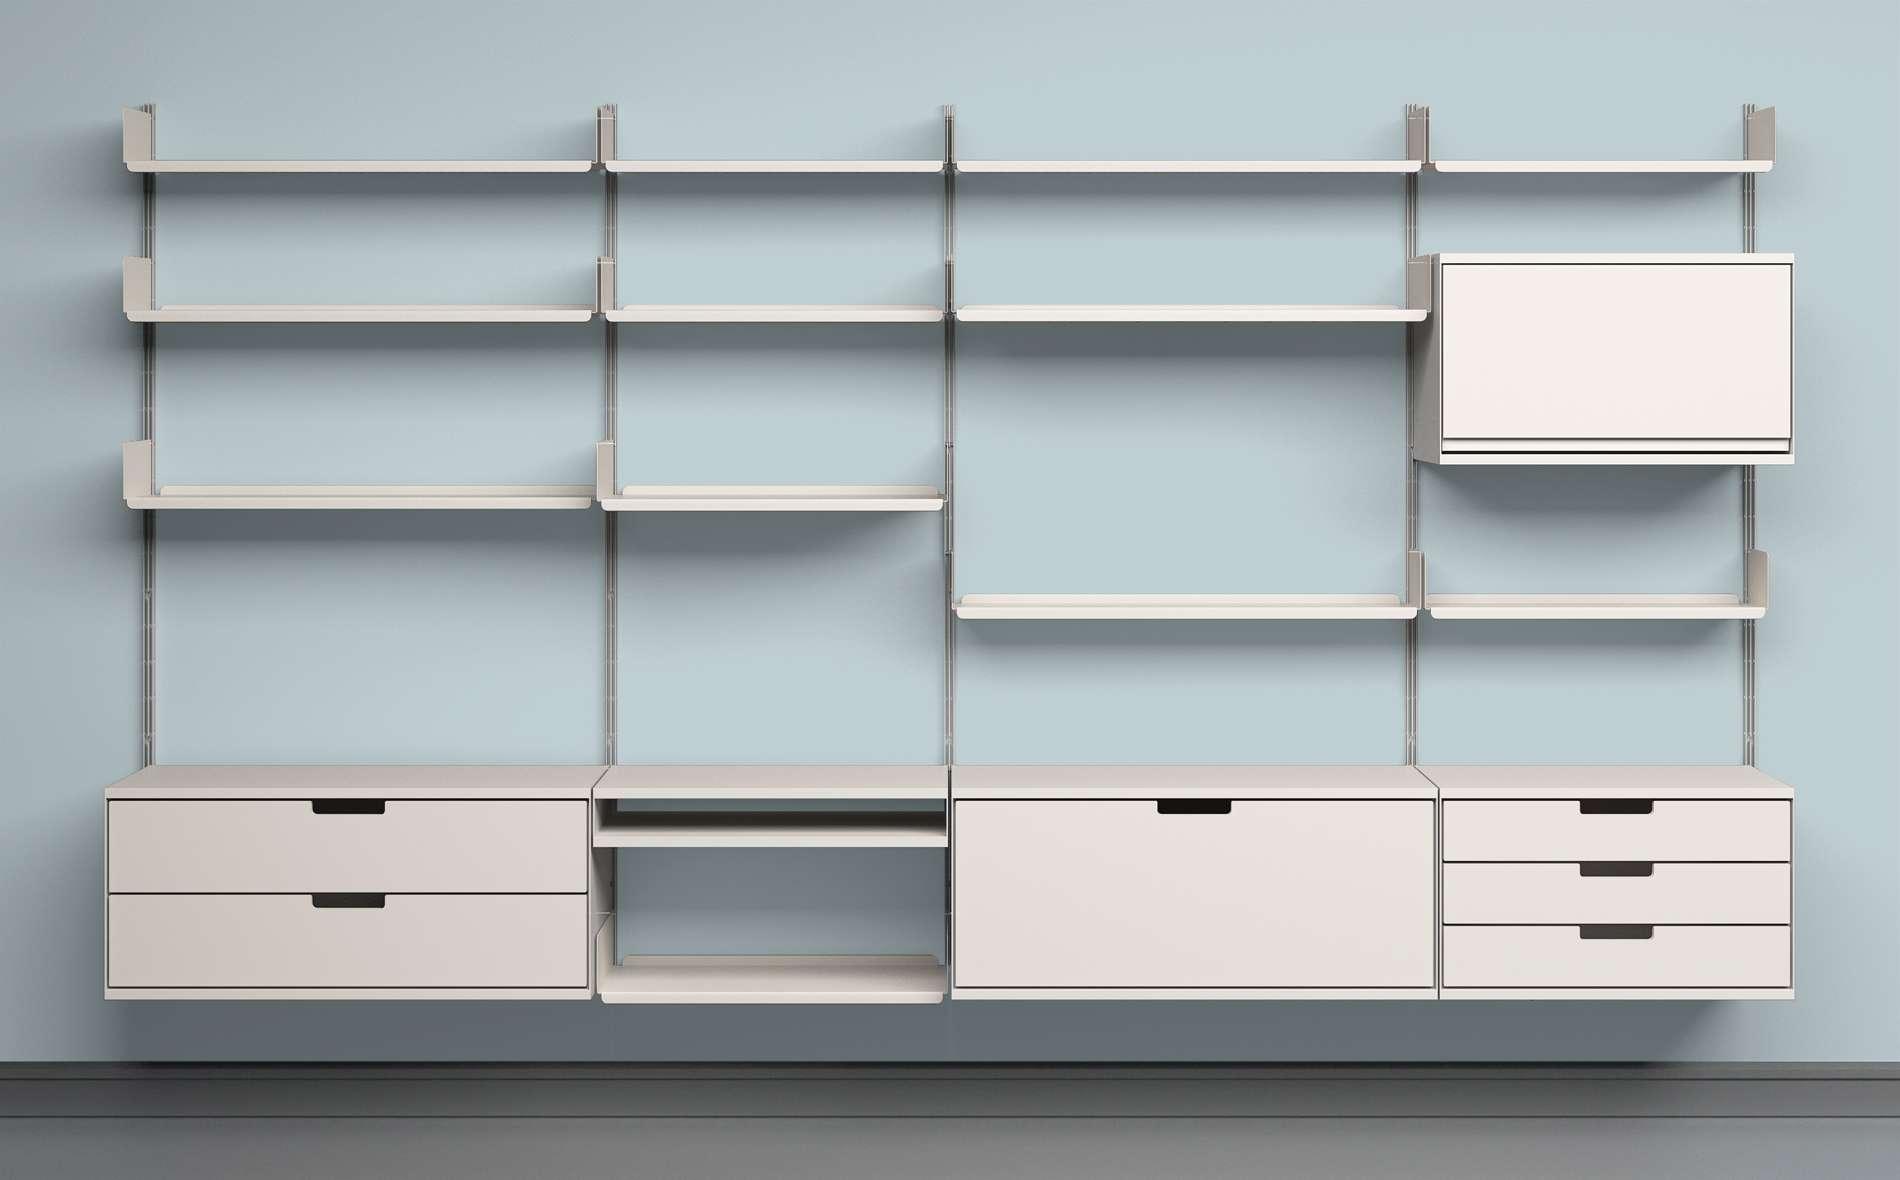 Дизайнерская мебель для офиса - стеллаж белого цвета